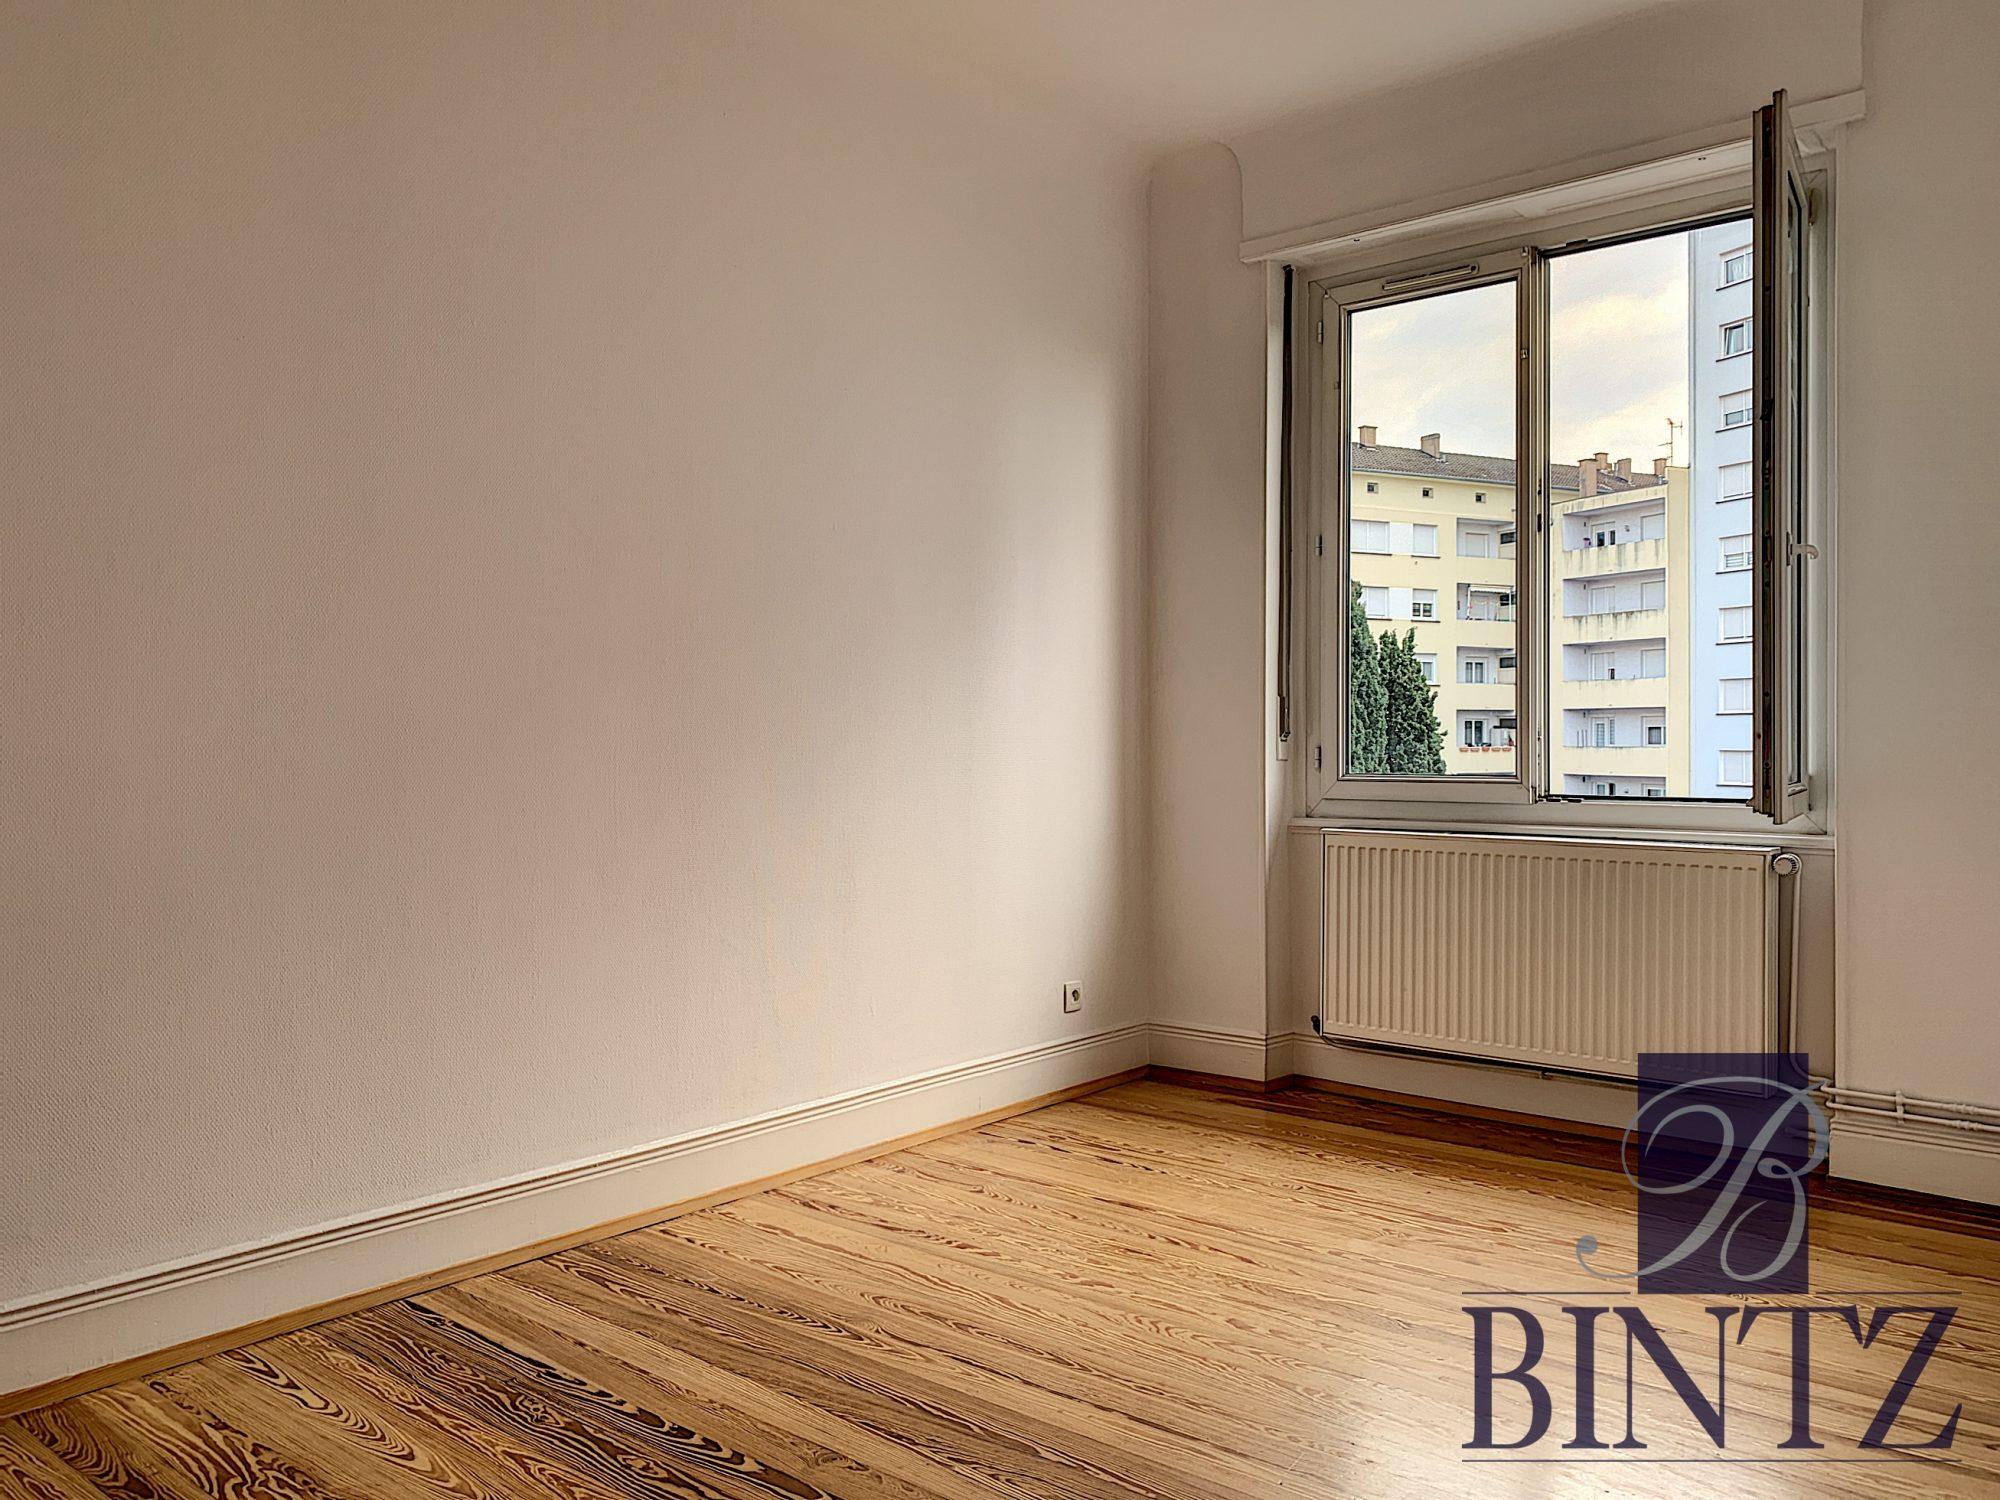 GRAND 4 PIÈCES RÉNOVÉ À NEUDORF - Devenez locataire en toute sérénité - Bintz Immobilier - 5